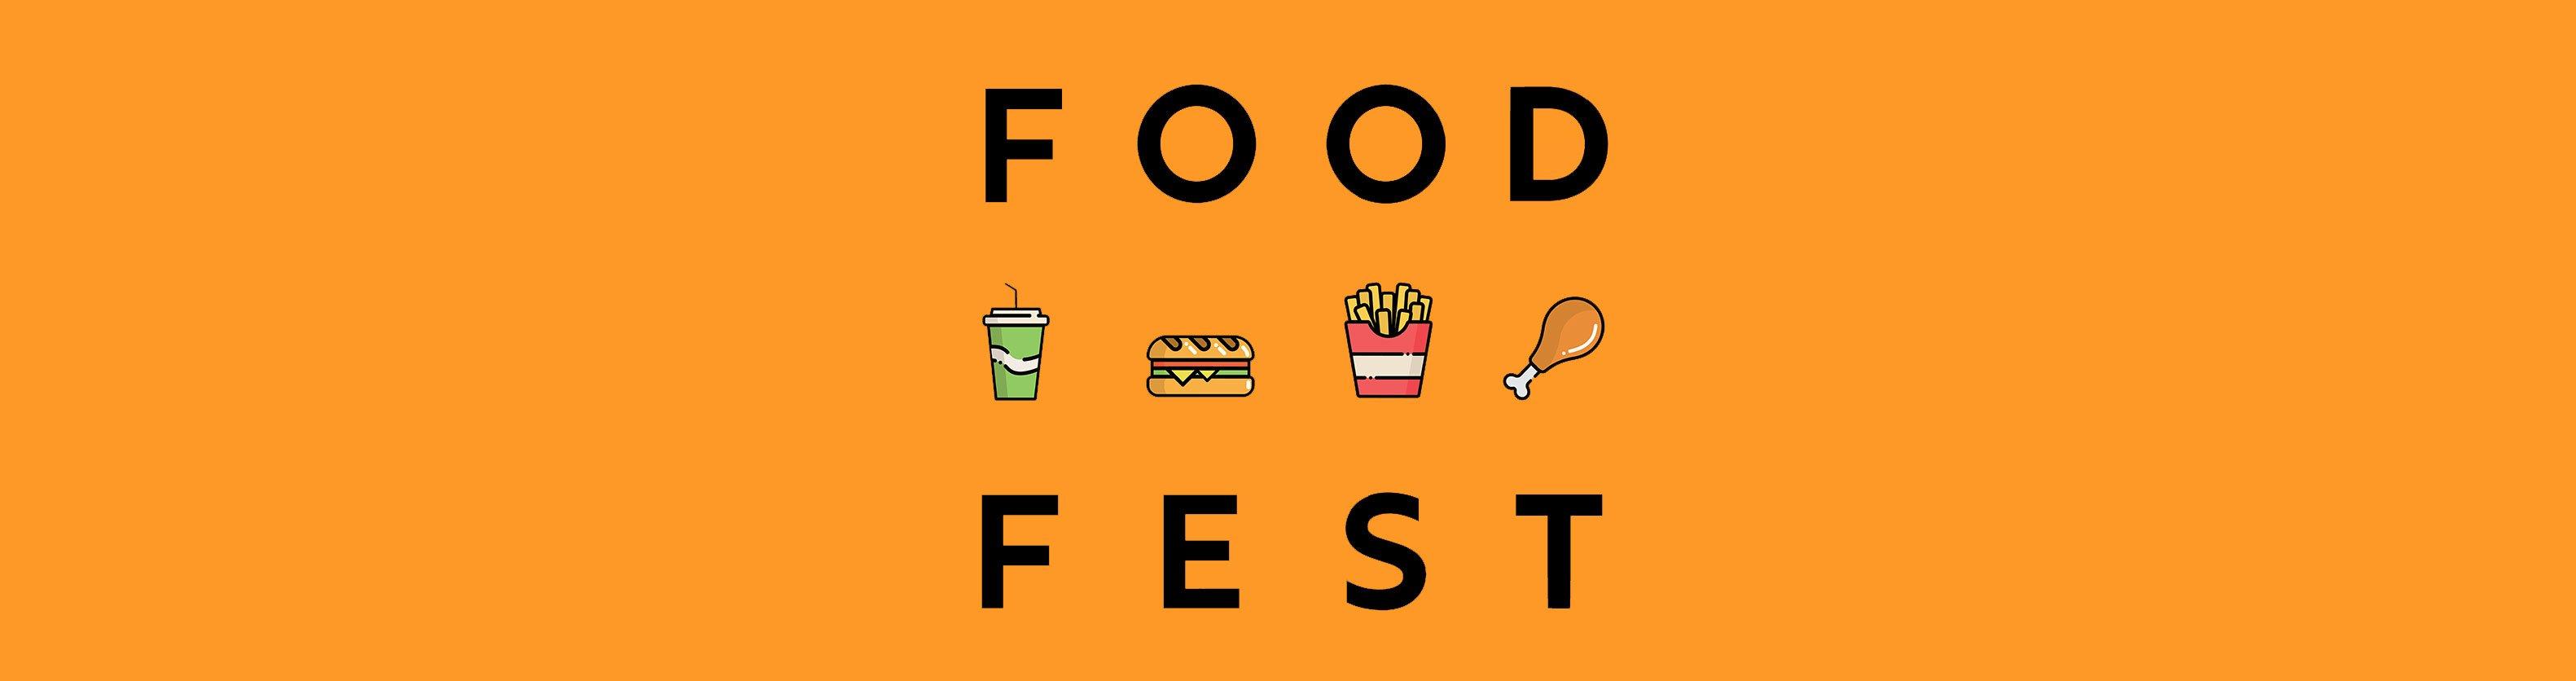 DUSA Food Fest